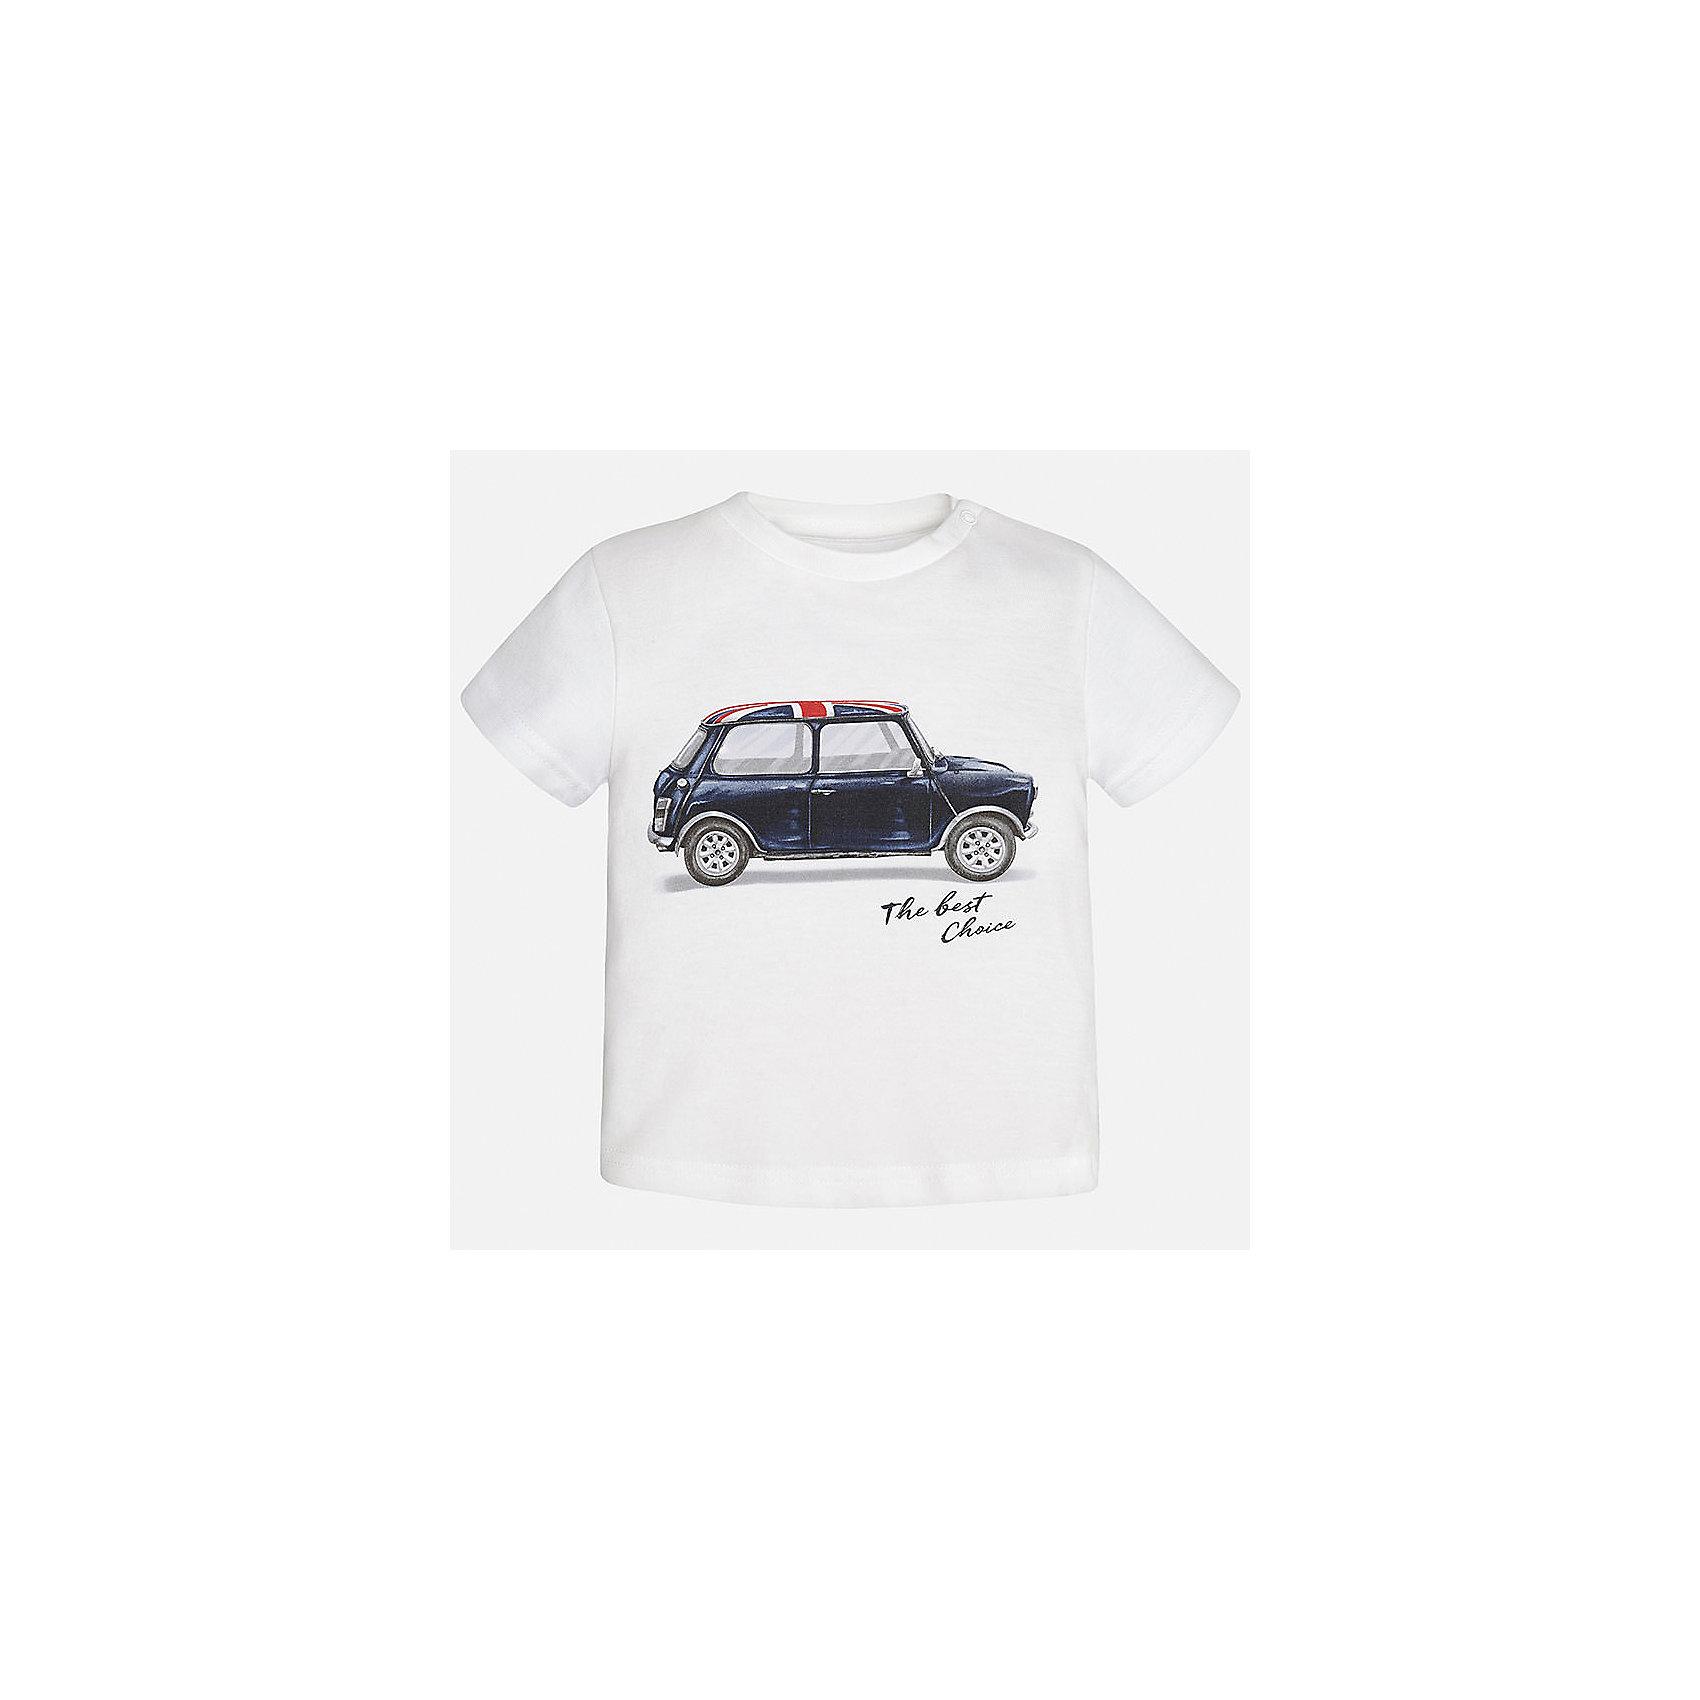 Футболка для мальчика MayoralФутболки, топы<br>Характеристики товара:<br><br>• цвет: белый<br>• состав: 100% хлопок<br>• круглый горловой вырез<br>• декорирована принтом<br>• короткие рукава<br>• мягкая отделка горловины<br>• страна бренда: Испания<br><br>Красивая хлопковая футболка с принтом поможет разнообразить гардероб мальчика. Она отлично сочетается с брюками, шортами, джинсами. Универсальный крой и цвет позволяет подобрать к вещи низ разных расцветок. Практичное и стильное изделие! Хорошо смотрится и комфортно сидит на детях. В составе материала - только натуральный хлопок, гипоаллергенный, приятный на ощупь, дышащий. <br><br>Одежда, обувь и аксессуары от испанского бренда Mayoral полюбились детям и взрослым по всему миру. Модели этой марки - стильные и удобные. Для их производства используются только безопасные, качественные материалы и фурнитура. Порадуйте ребенка модными и красивыми вещами от Mayoral! <br><br>Футболку для мальчика от испанского бренда Mayoral (Майорал) можно купить в нашем интернет-магазине.<br><br>Ширина мм: 199<br>Глубина мм: 10<br>Высота мм: 161<br>Вес г: 151<br>Цвет: белый<br>Возраст от месяцев: 18<br>Возраст до месяцев: 24<br>Пол: Мужской<br>Возраст: Детский<br>Размер: 92,86,80<br>SKU: 5278489